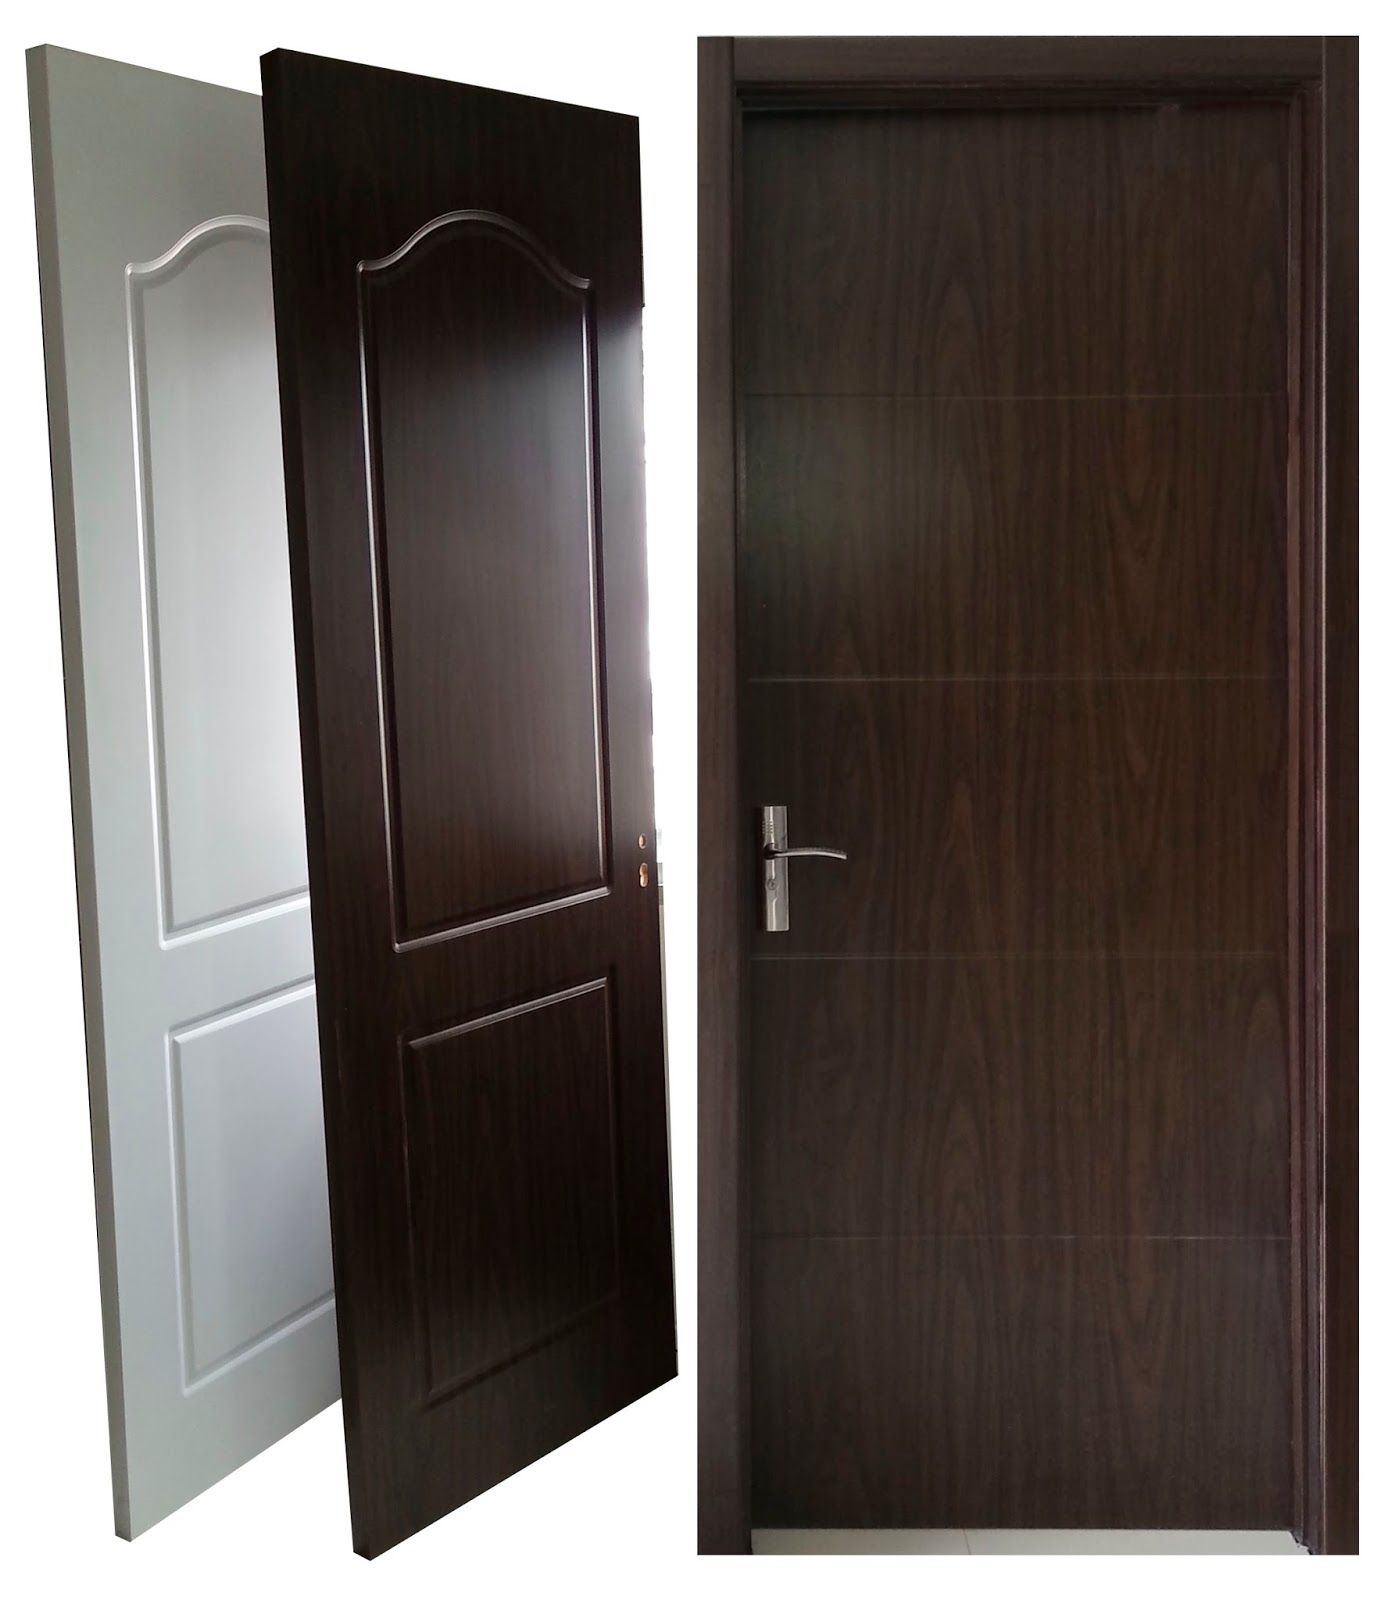 Puertas de seguridad estilo europeo ventanas de aluminio - Medida de puertas ...